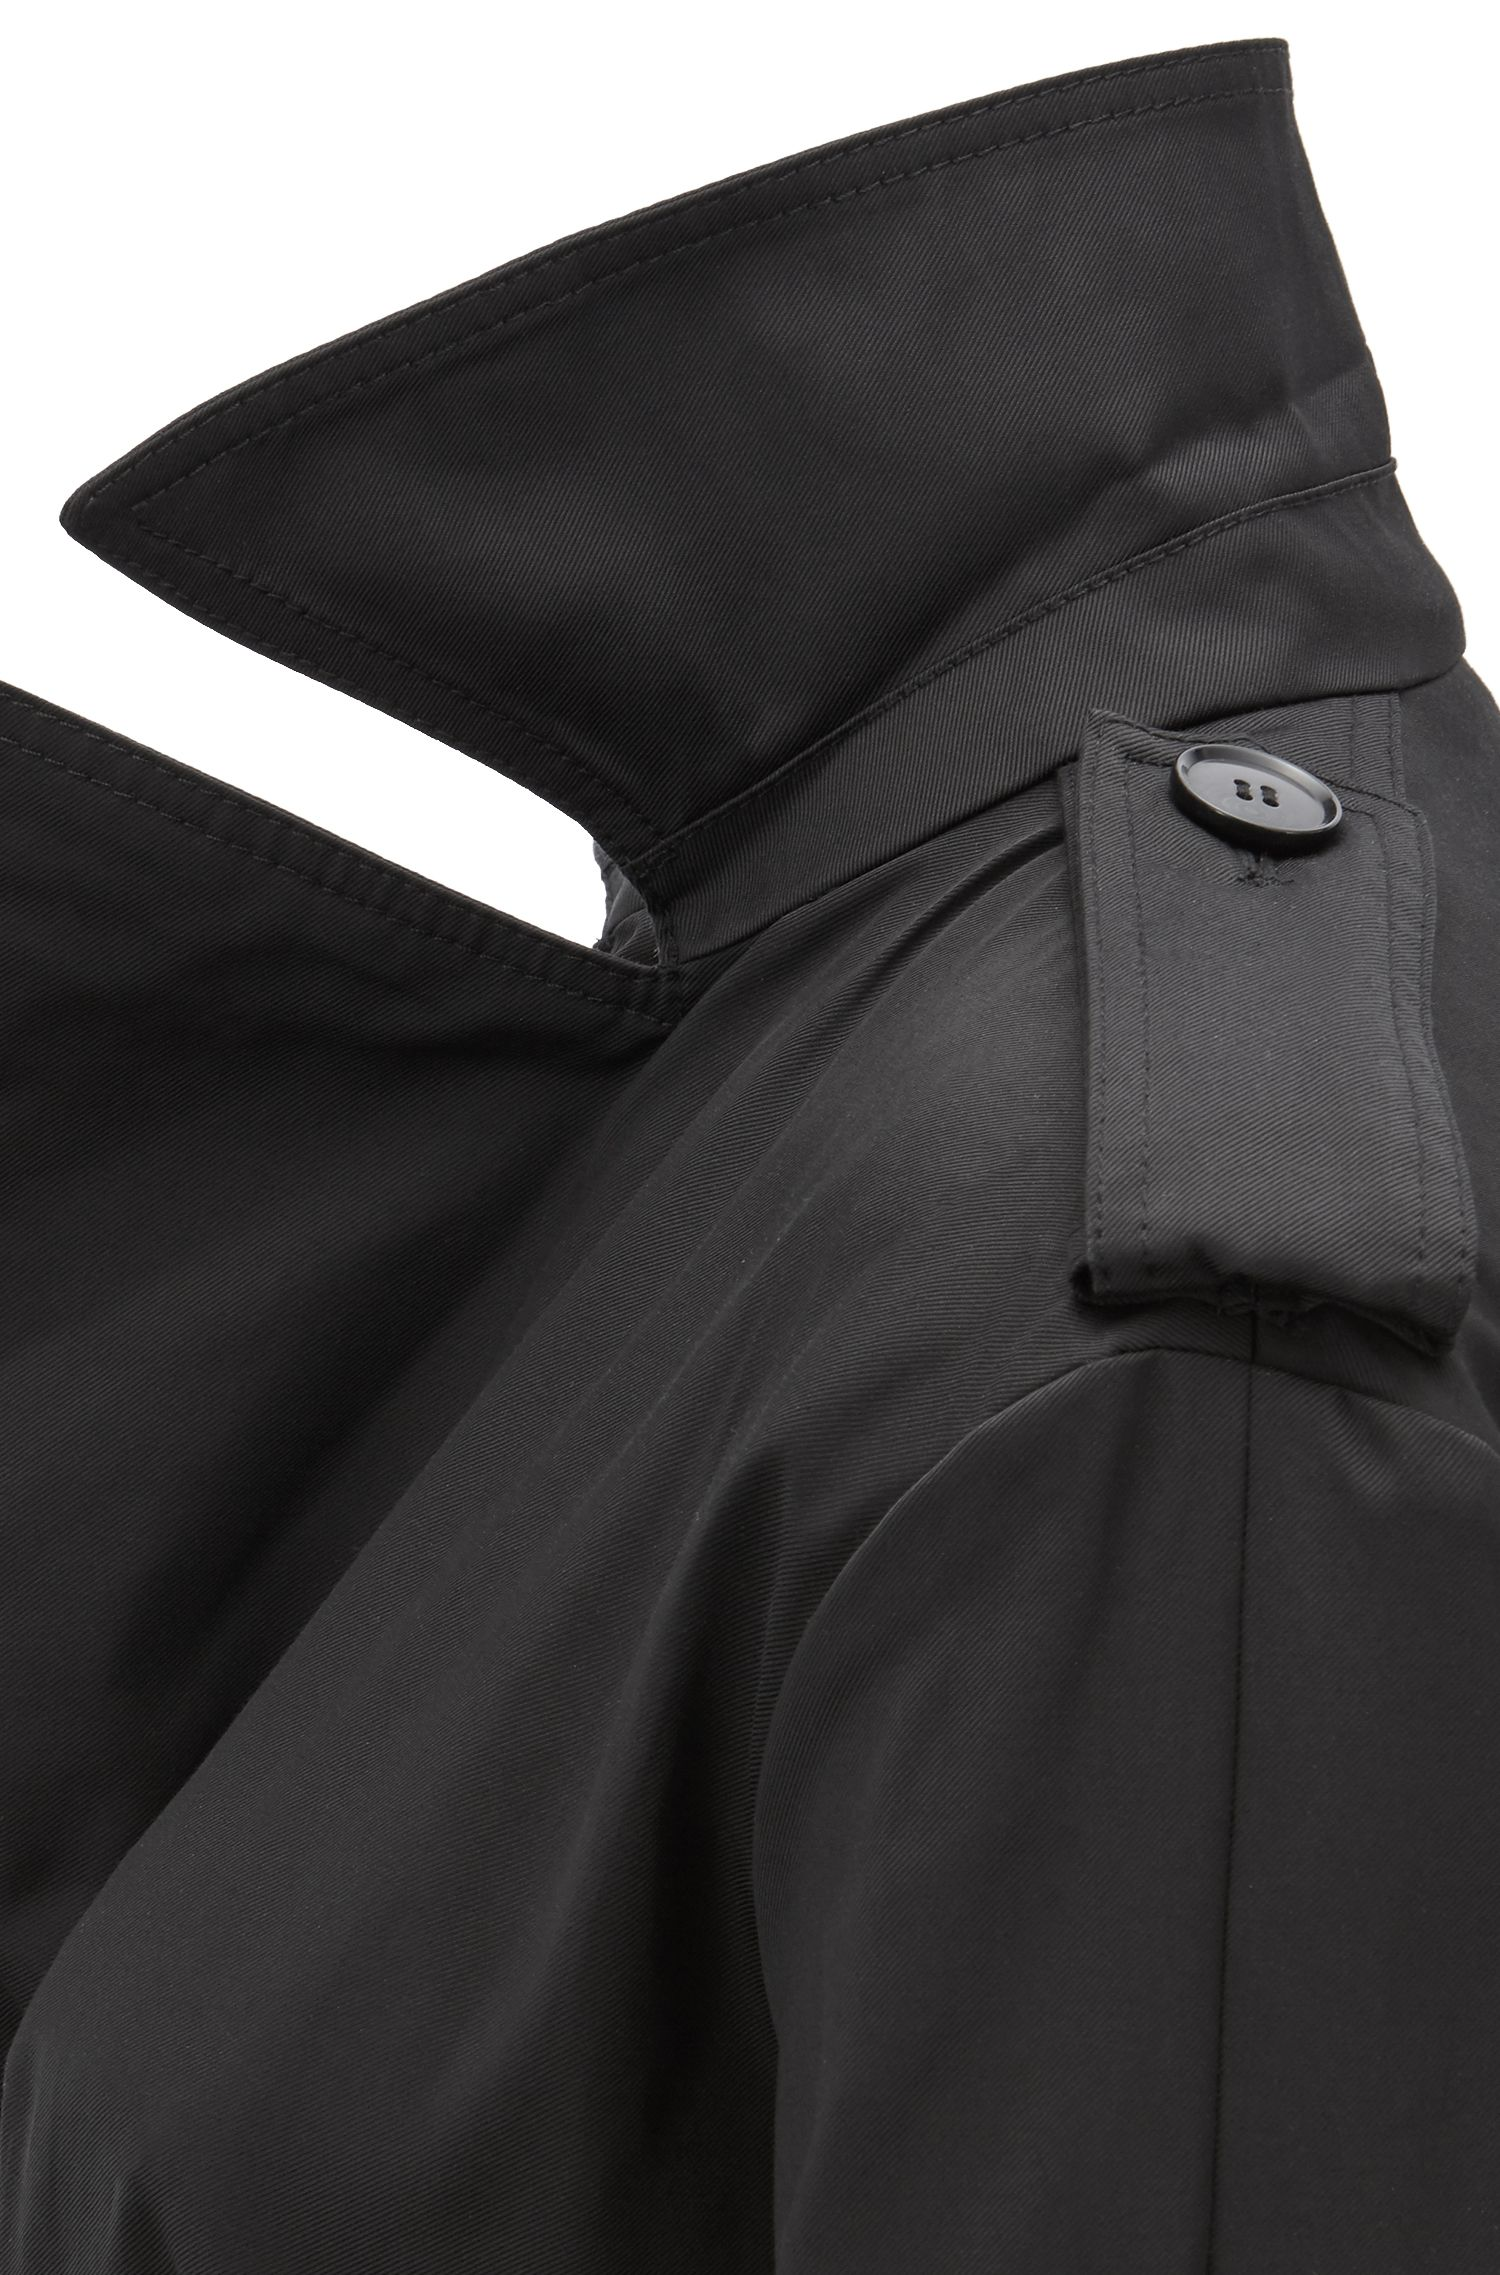 Hugo Boss - Zweireihiger Trenchcoat aus wasserabweisendem Twill - 5